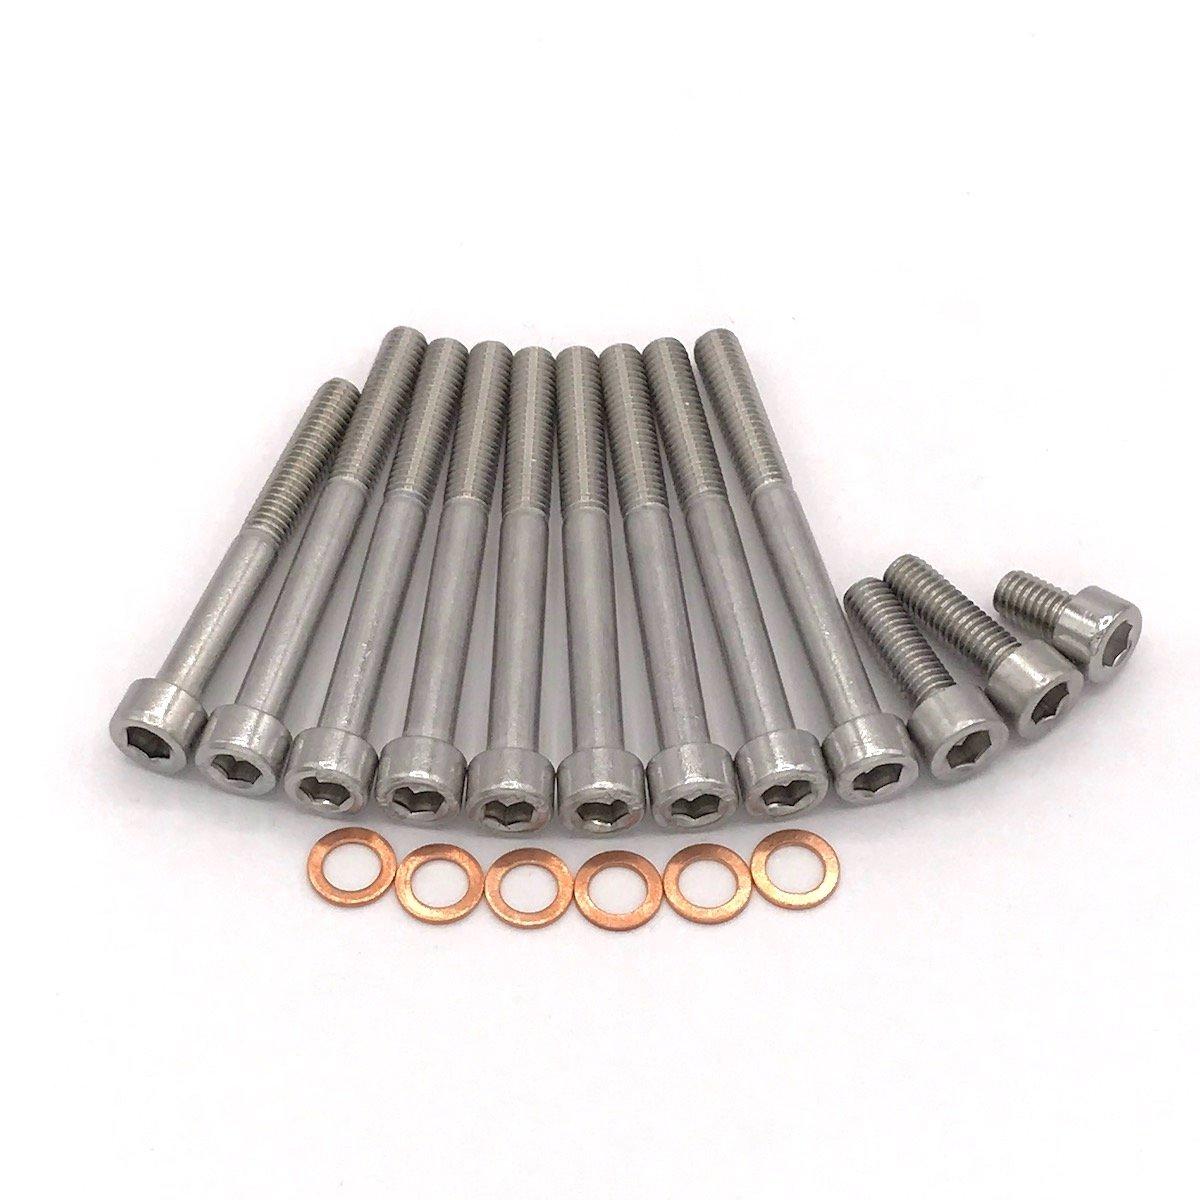 MZ ETZ 150 Motor Zylinderschrauben mit Innensechskant aus Edelstahl V2A, inkl. Ö lkontrollschraube und Kupfer Dichtungen, 18 teilig Schrauben-Hupe